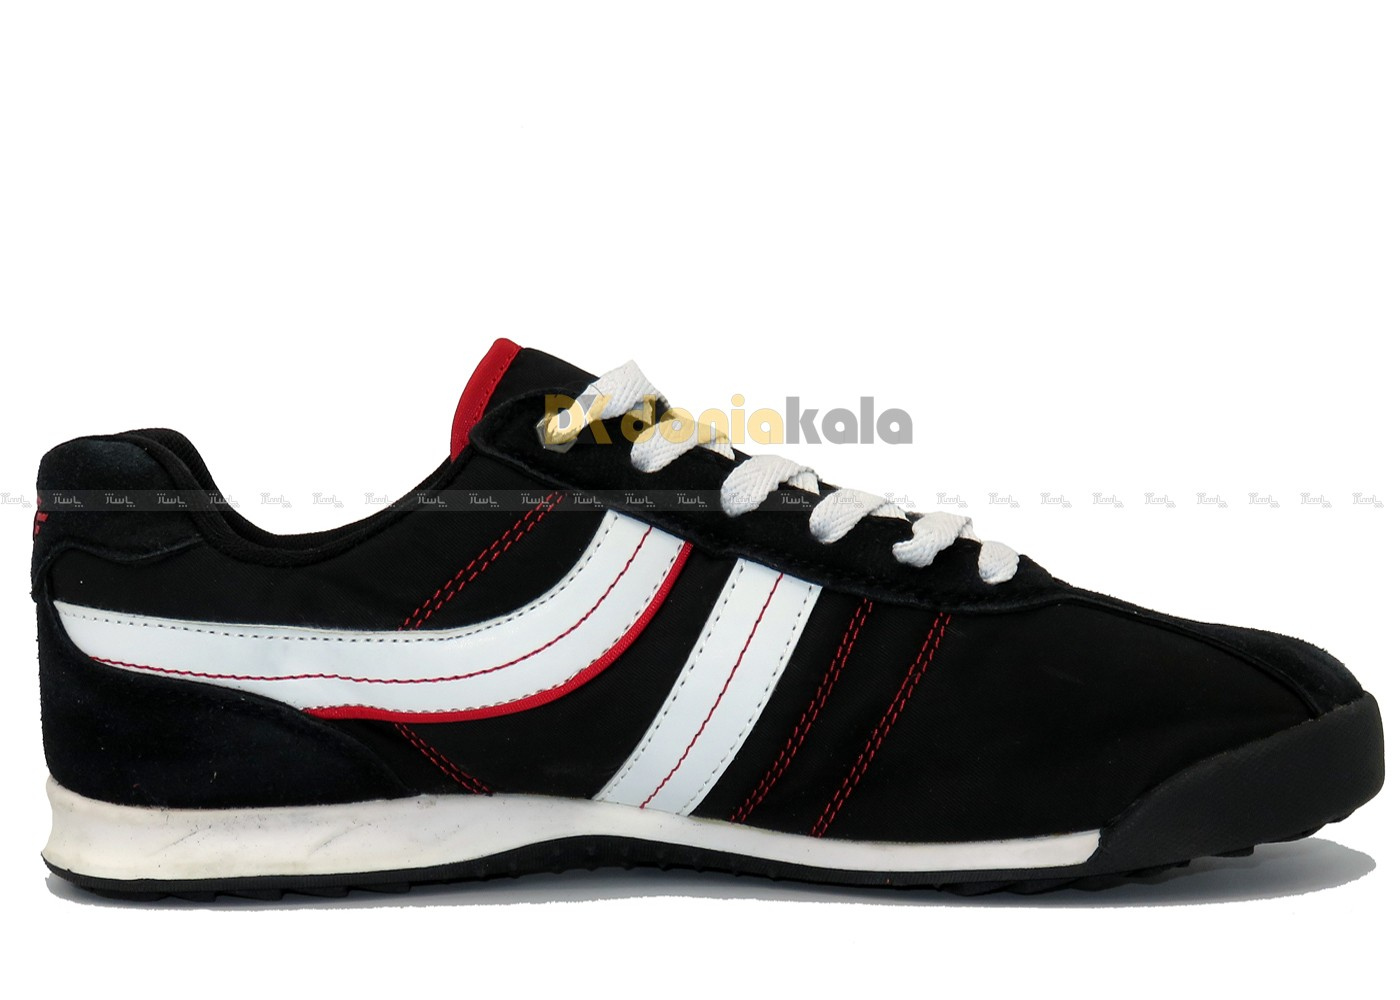 کفش اسپرت و پیاده مردانه روی لیورجی آلمان livergy ian94587-تصویر اصلی